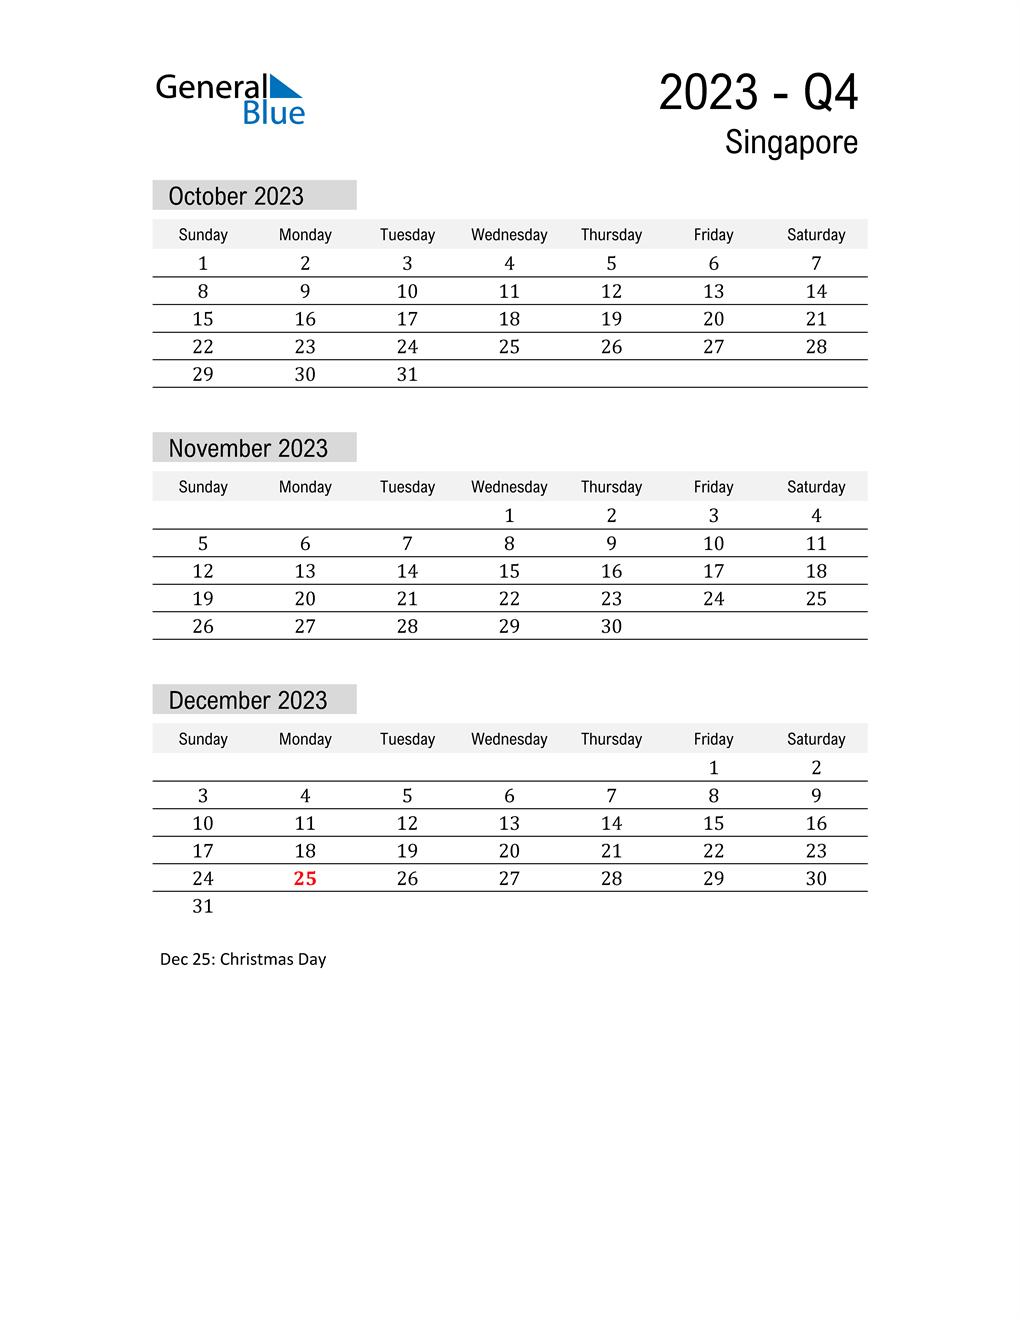 Singapore Quarter 4 2023 Calendar